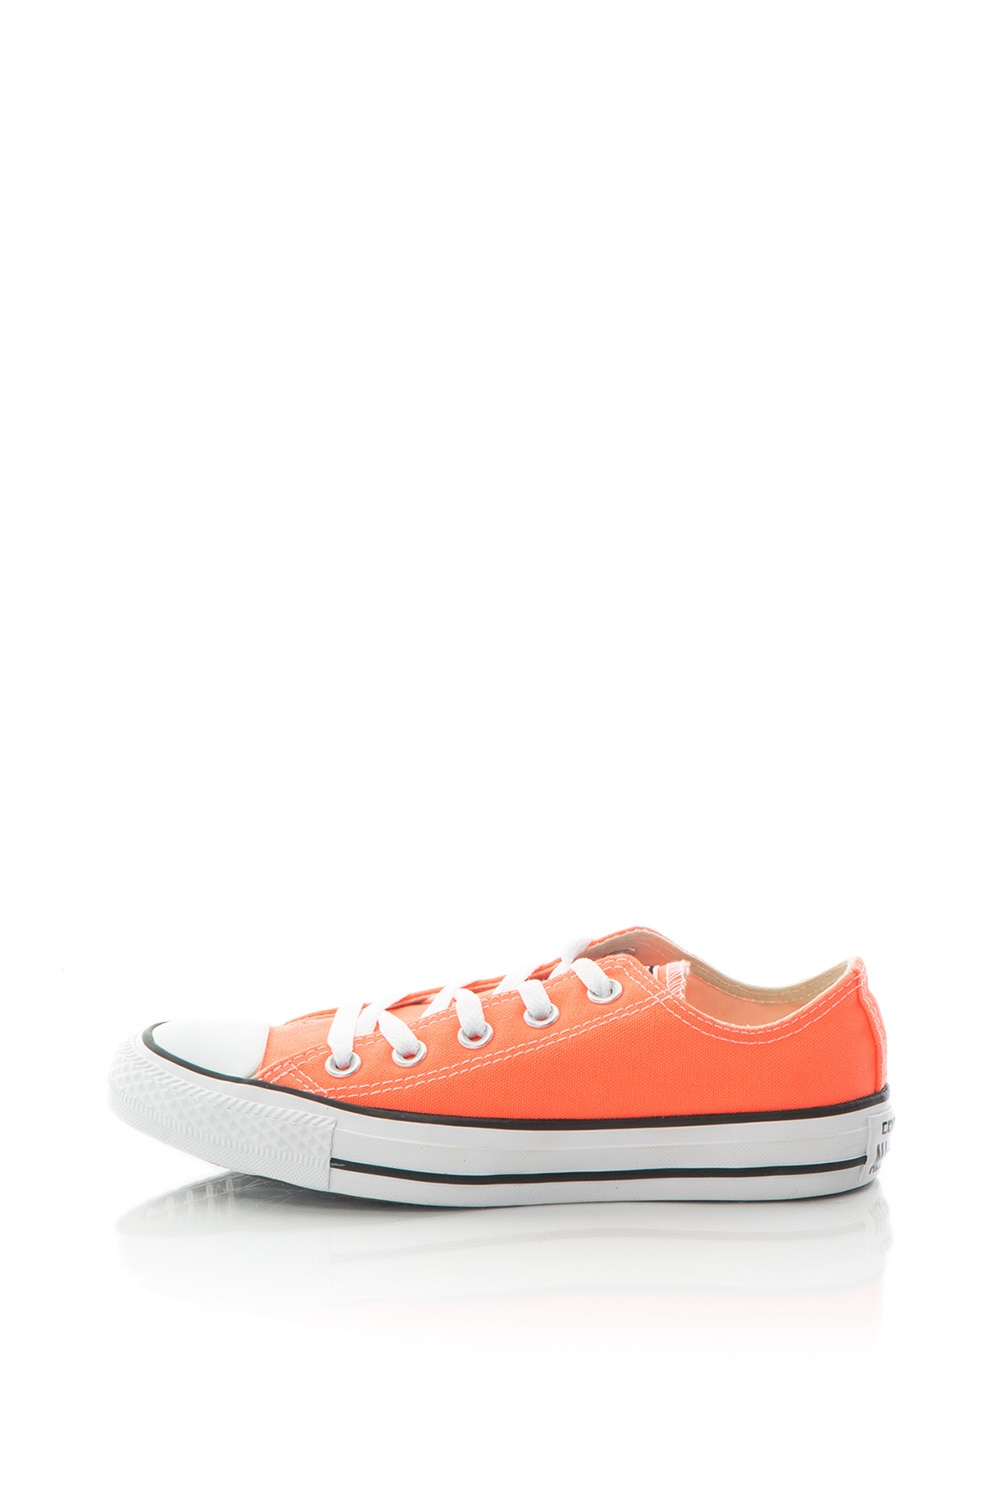 converse cipő fekete narancssárga